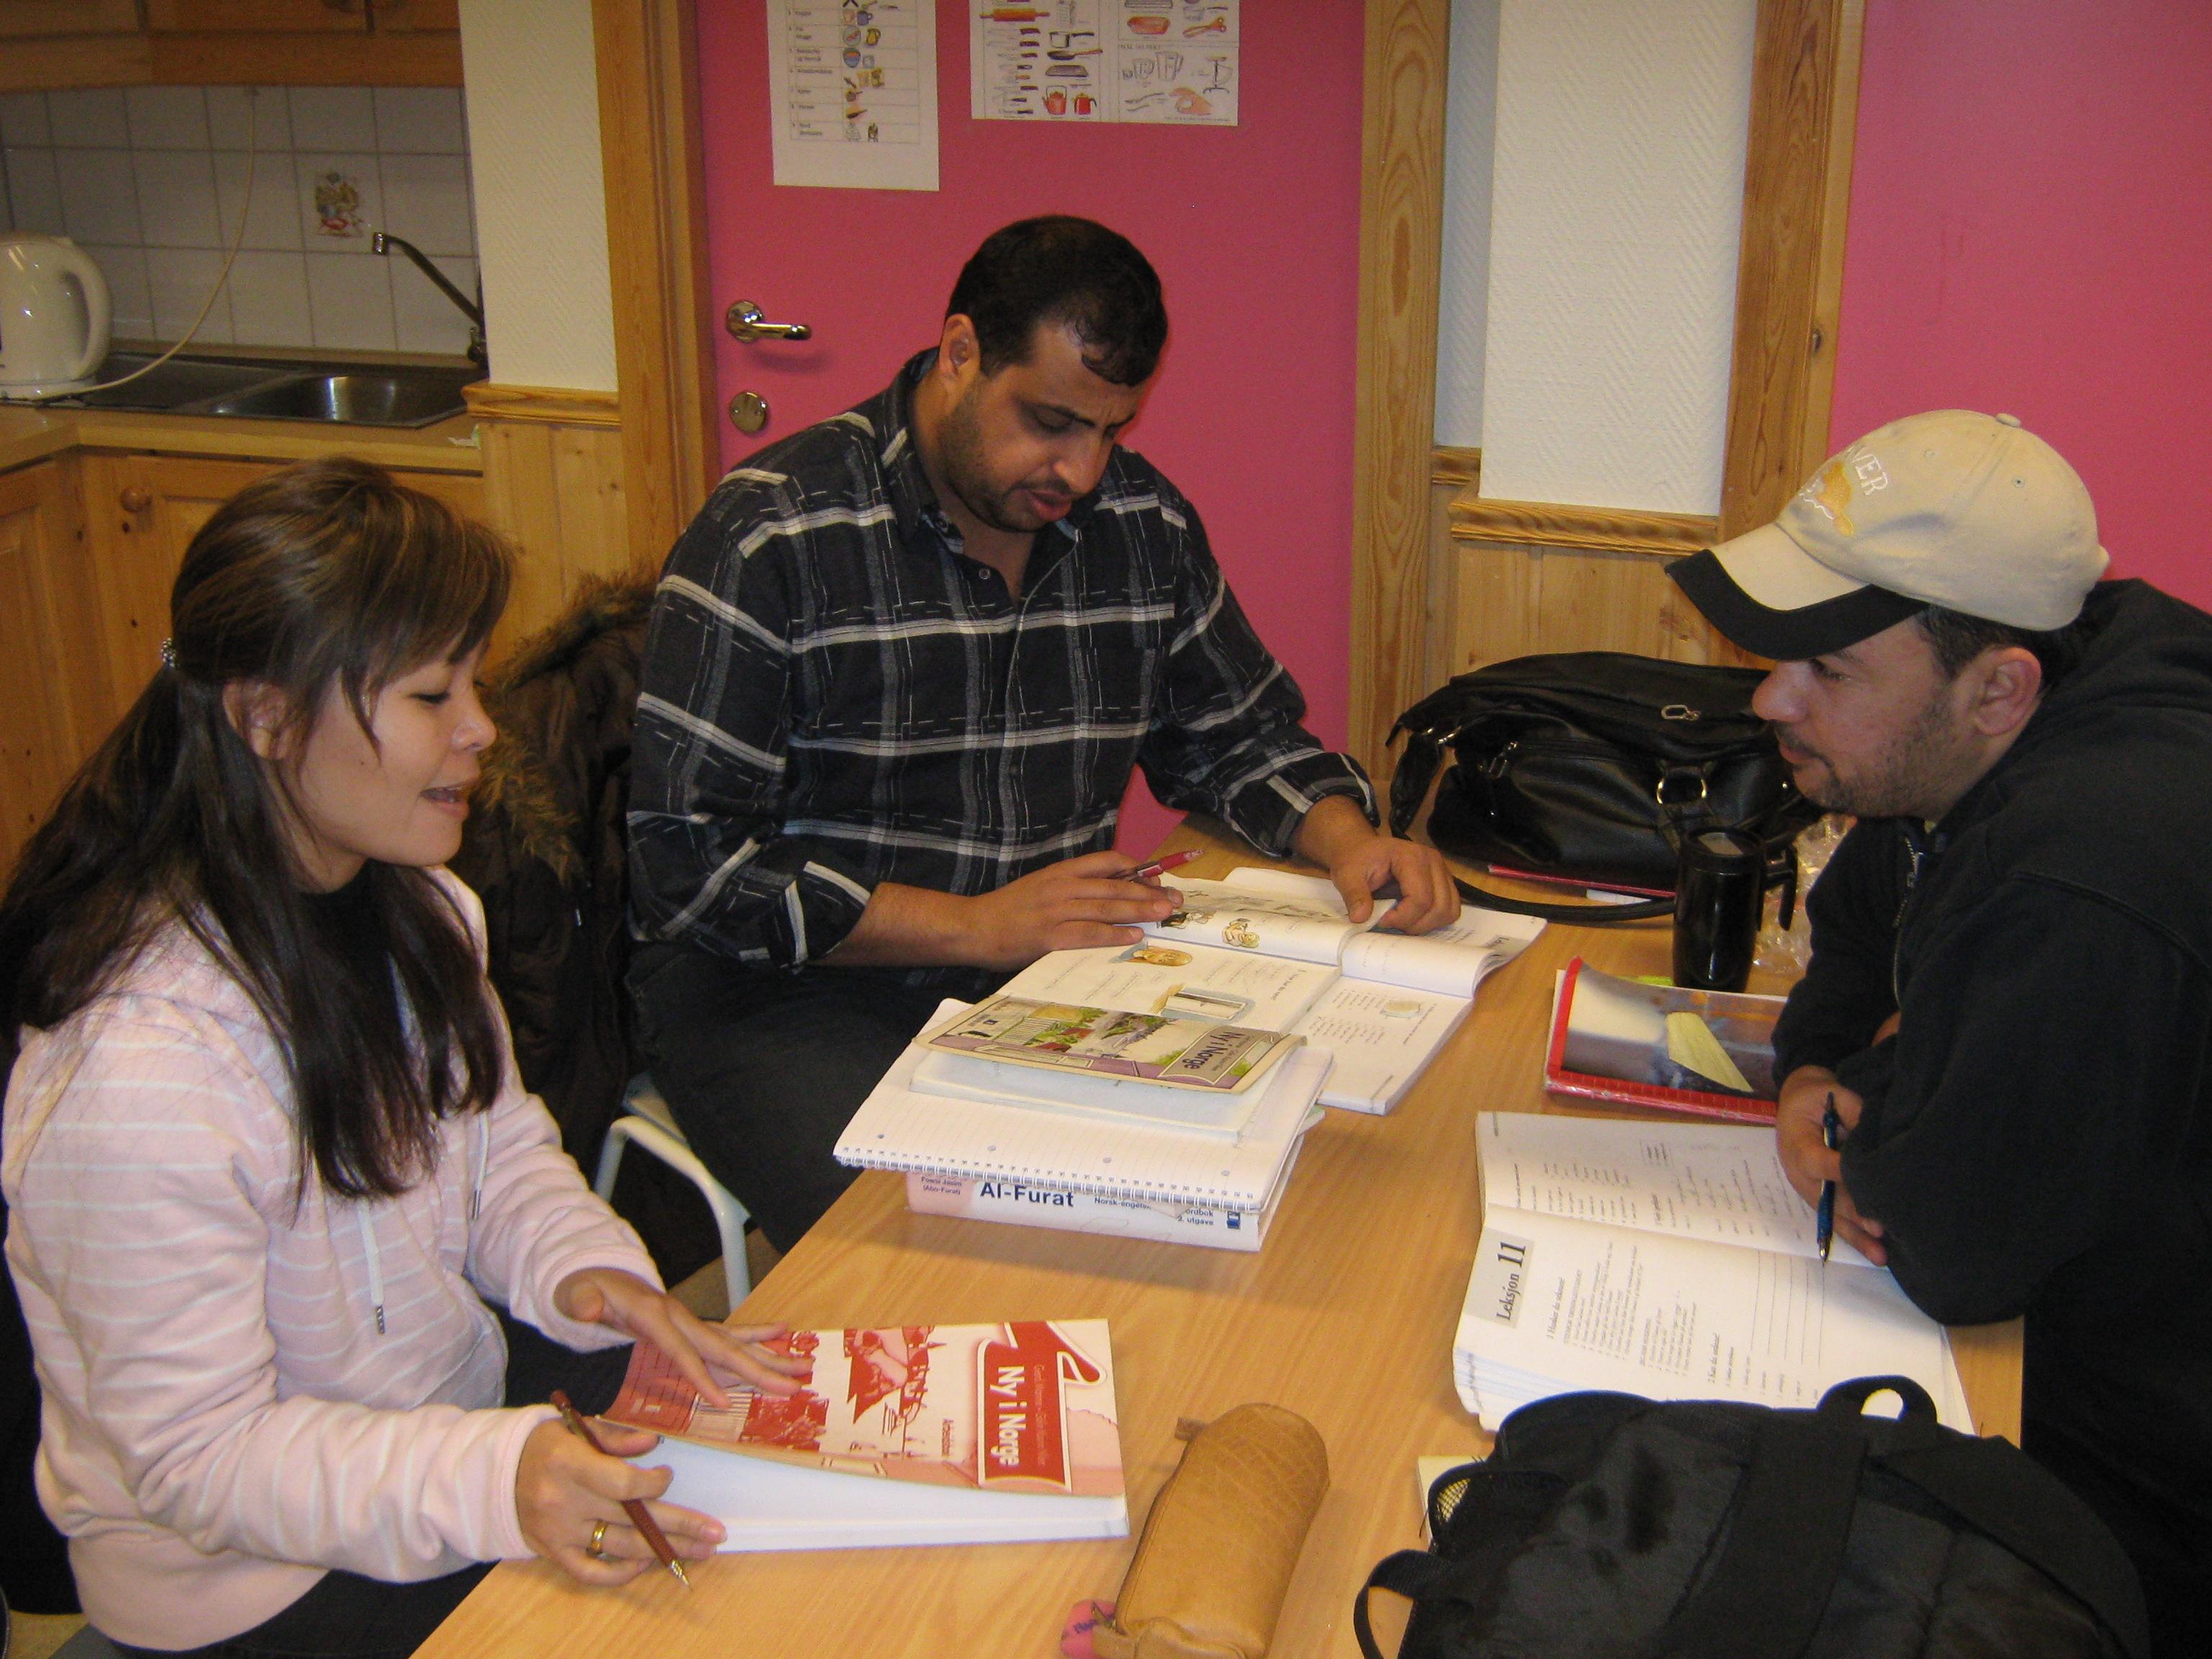 Illustrasjonsfoto som viser opplæring av fremmedspråklige